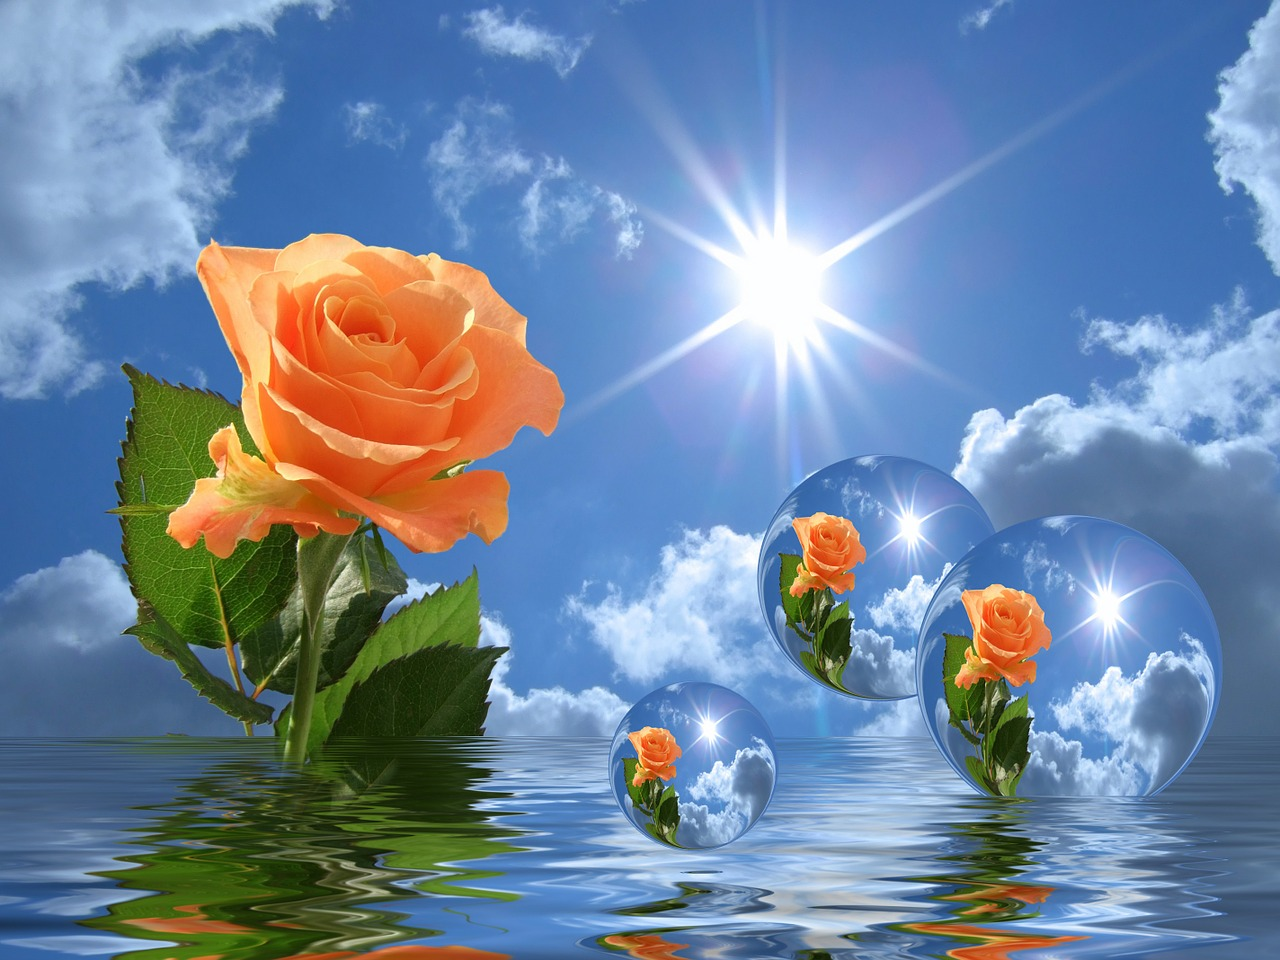 Цветы на воде анимация